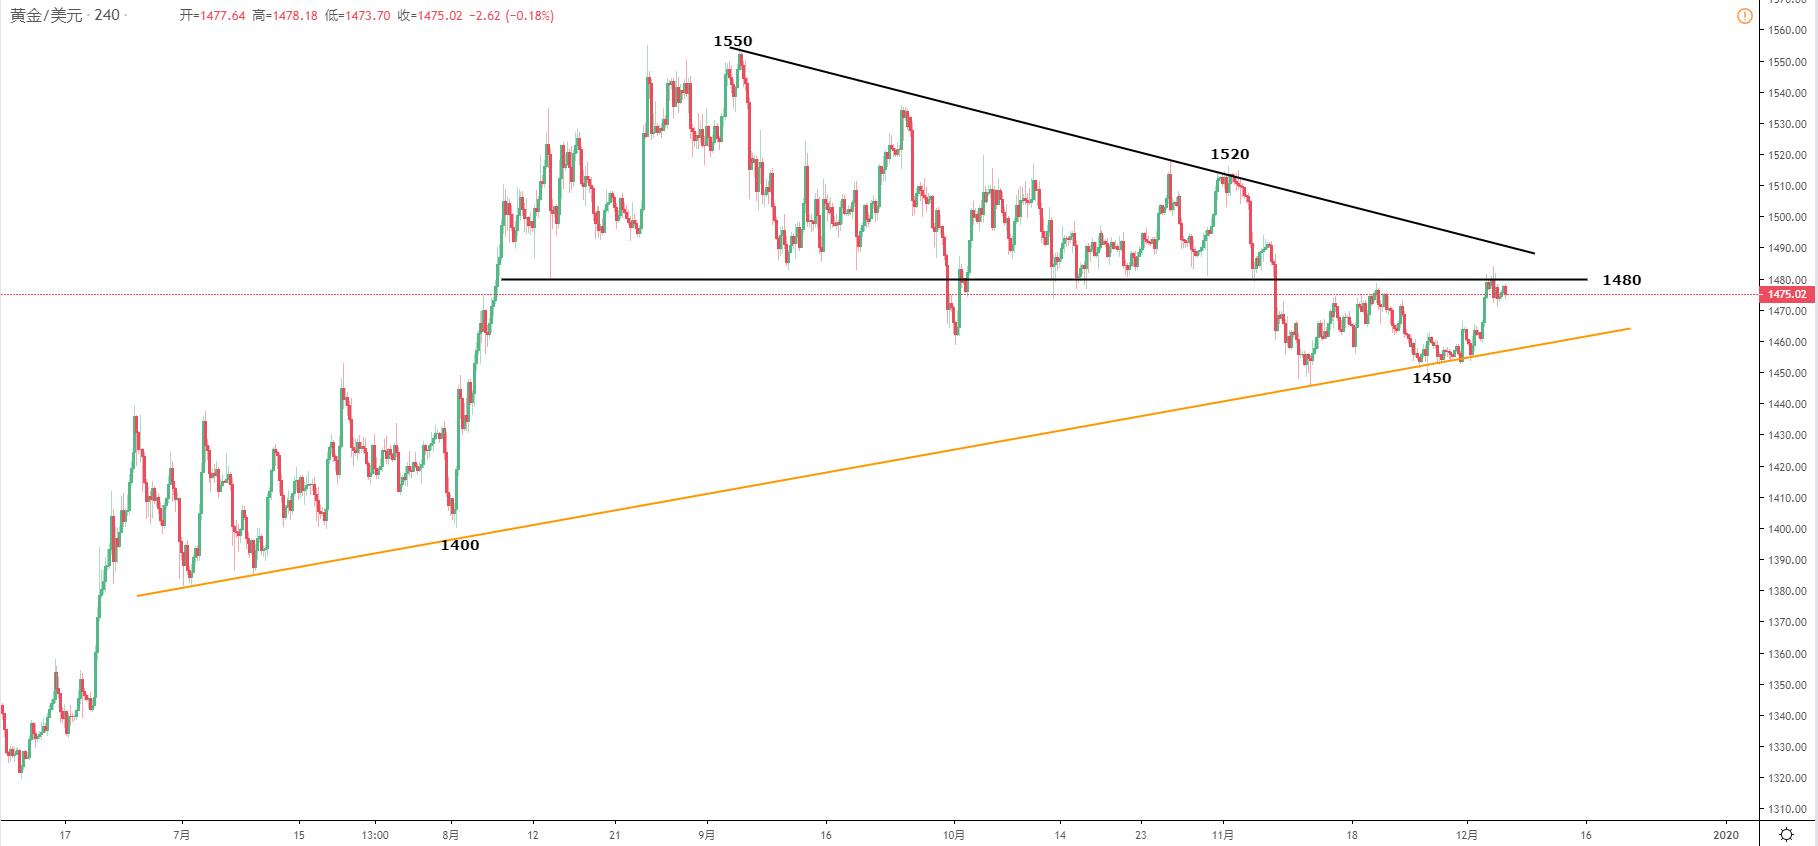 黃金/美元技術分析: 1480-90阻力區域仍有效,關注短線回落